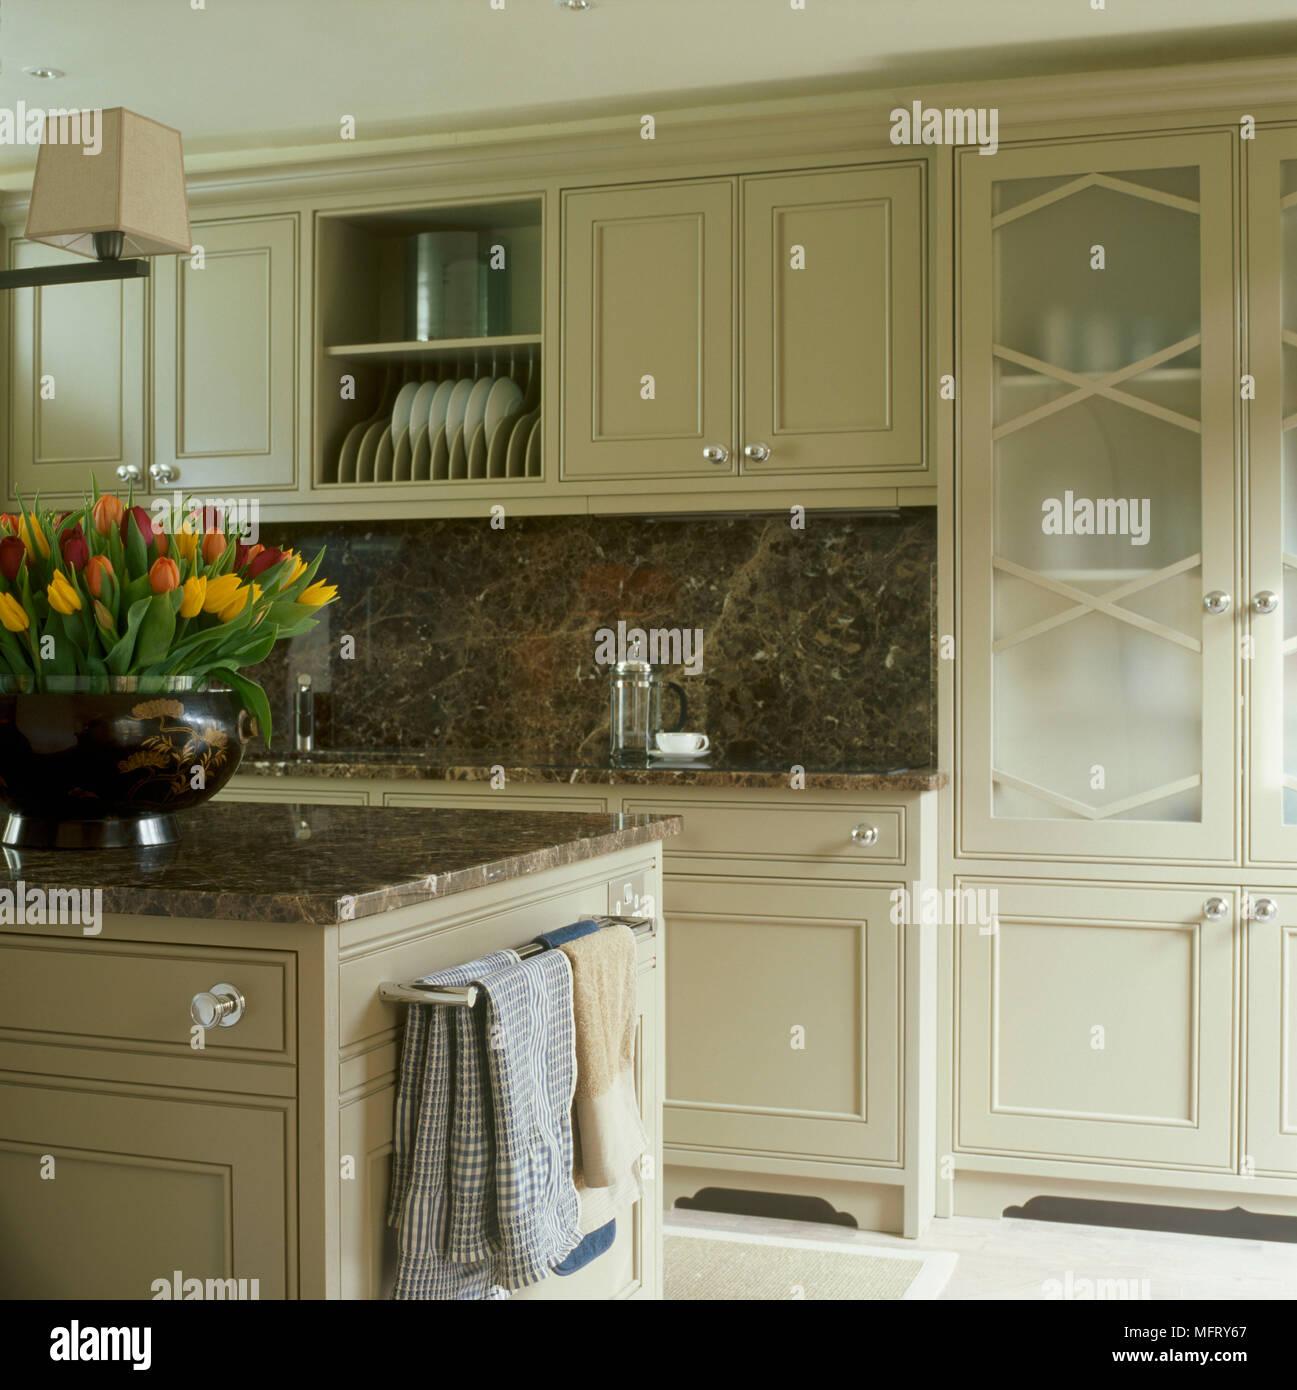 Ein Detail einer modernen Küche lackiert Einheiten Granit ...